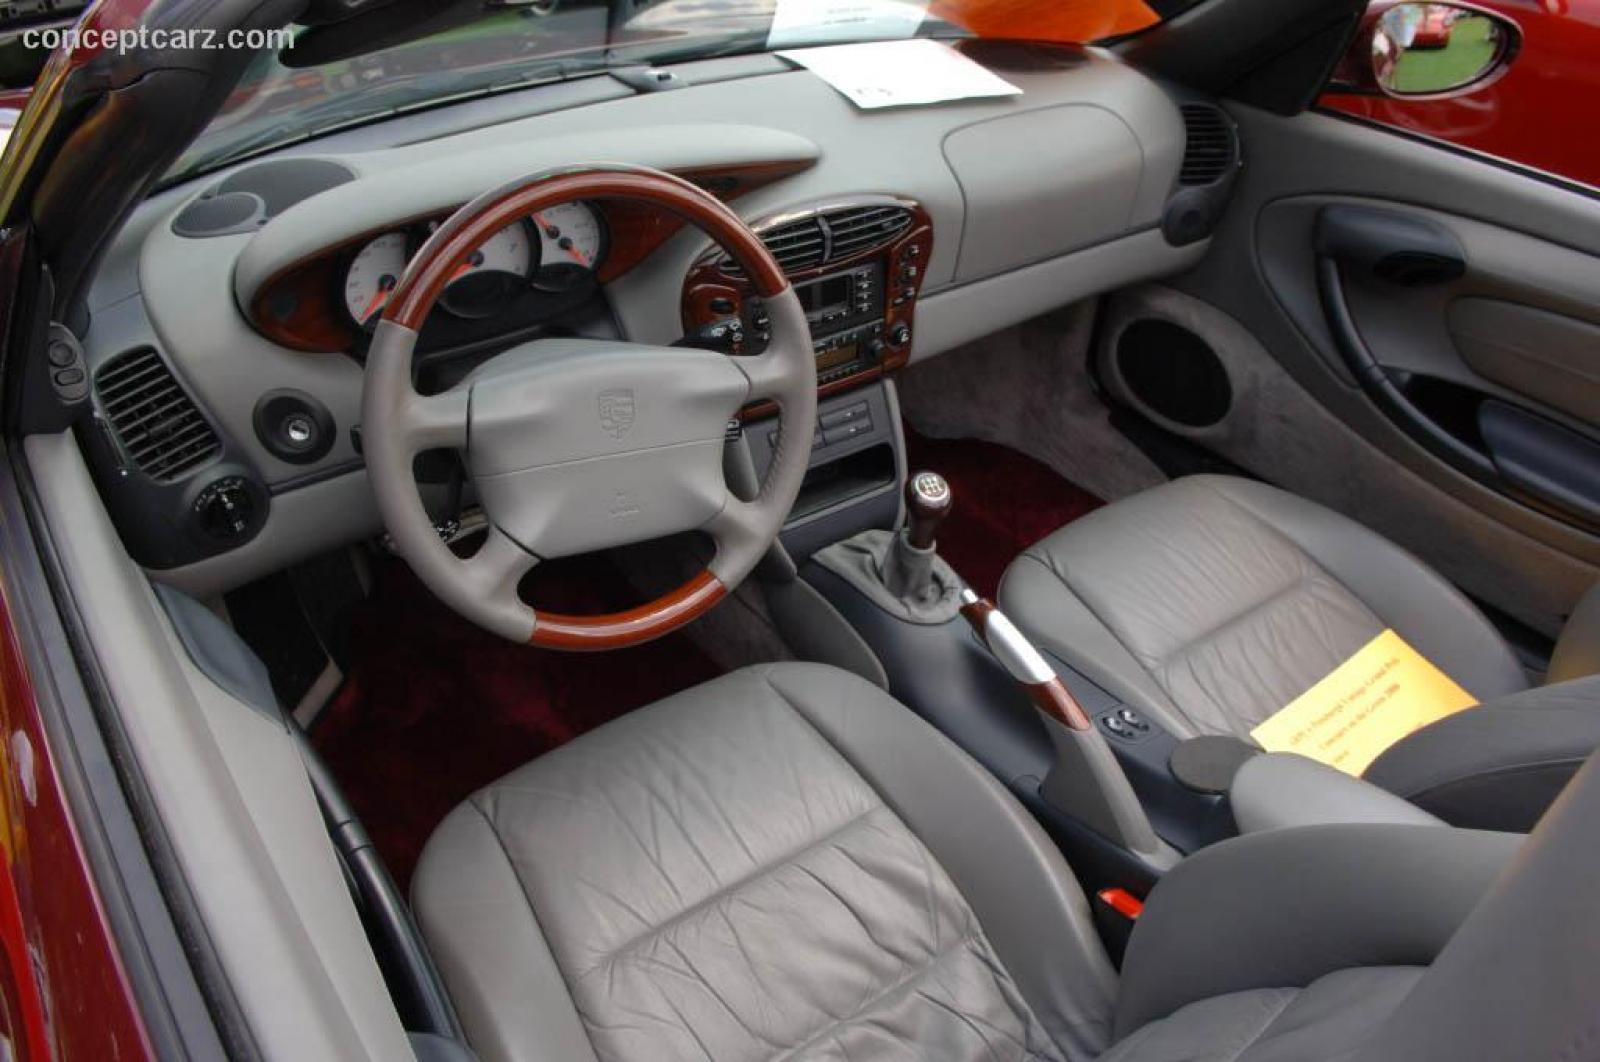 800 1024 1280 1600 Origin 1999 Porsche Boxster